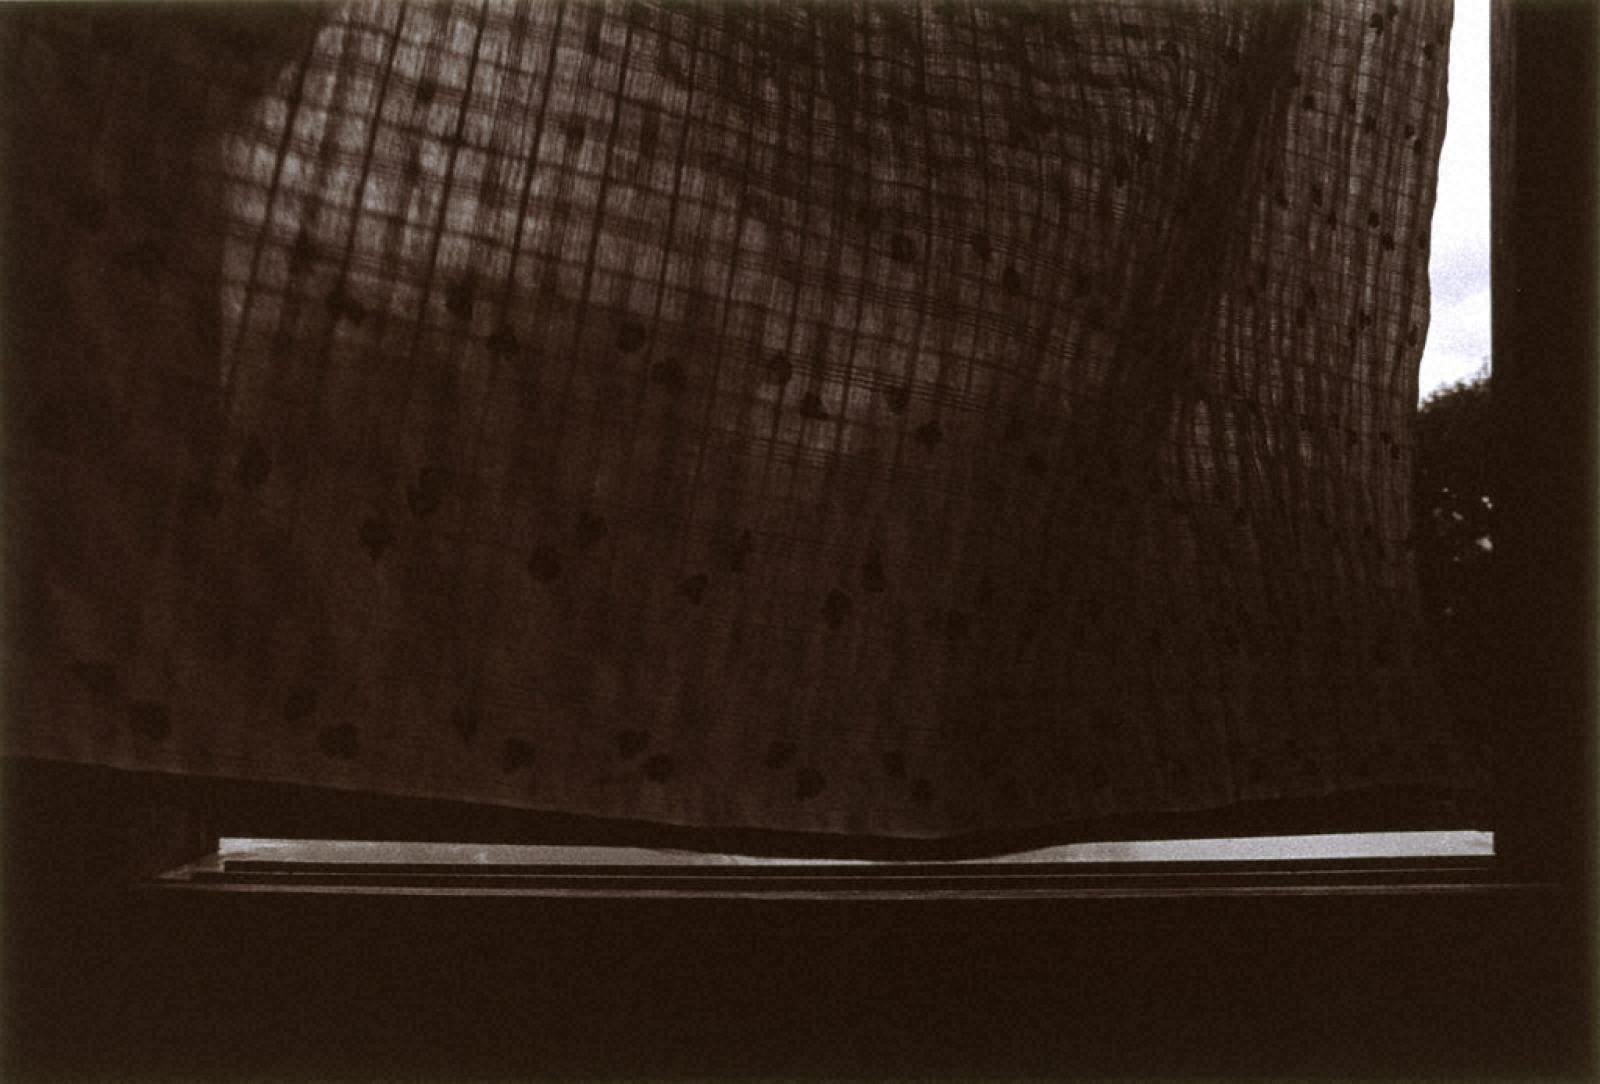 [Jun SHIRAOKA Photographs 1970-1998]長野県、蓼科高原、1971年8月